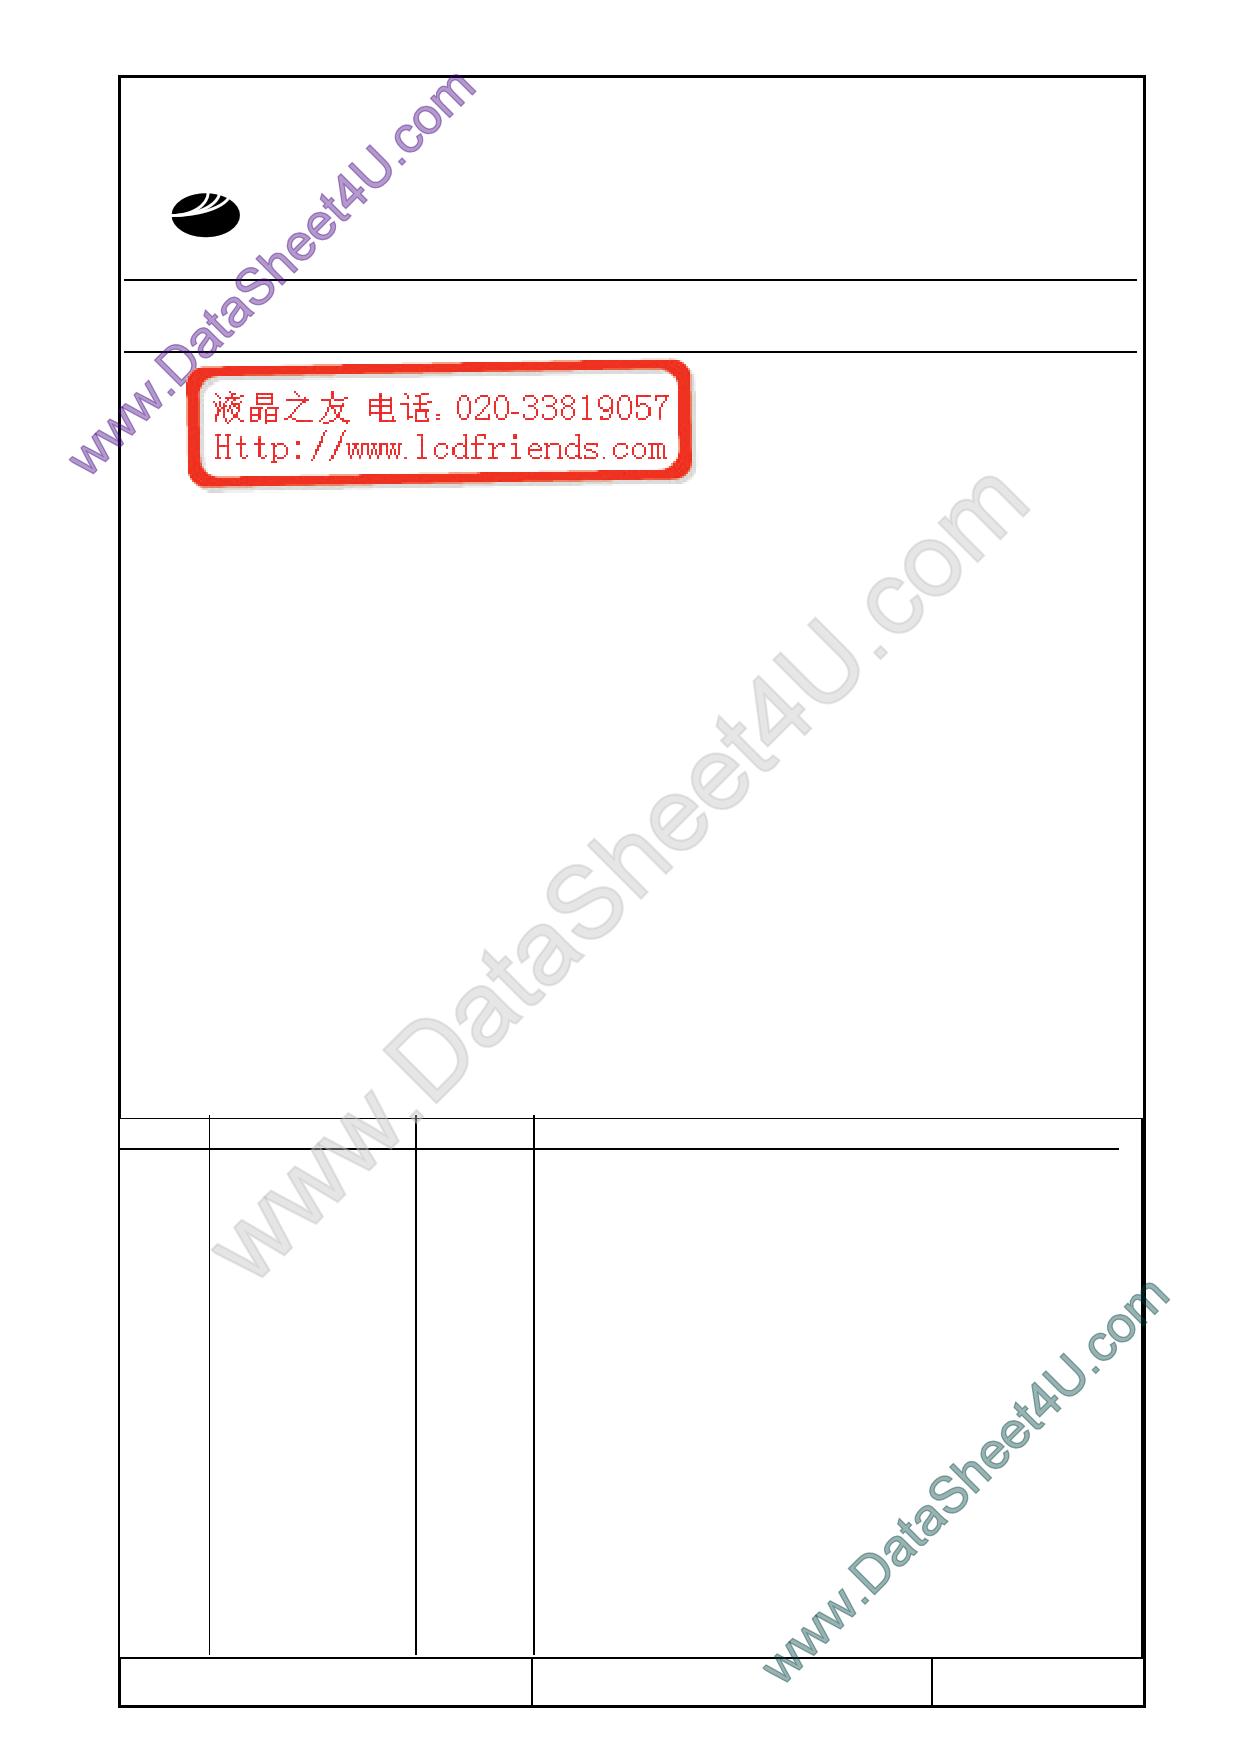 T-51380L050J_FW_P_AC دیتاشیت PDF